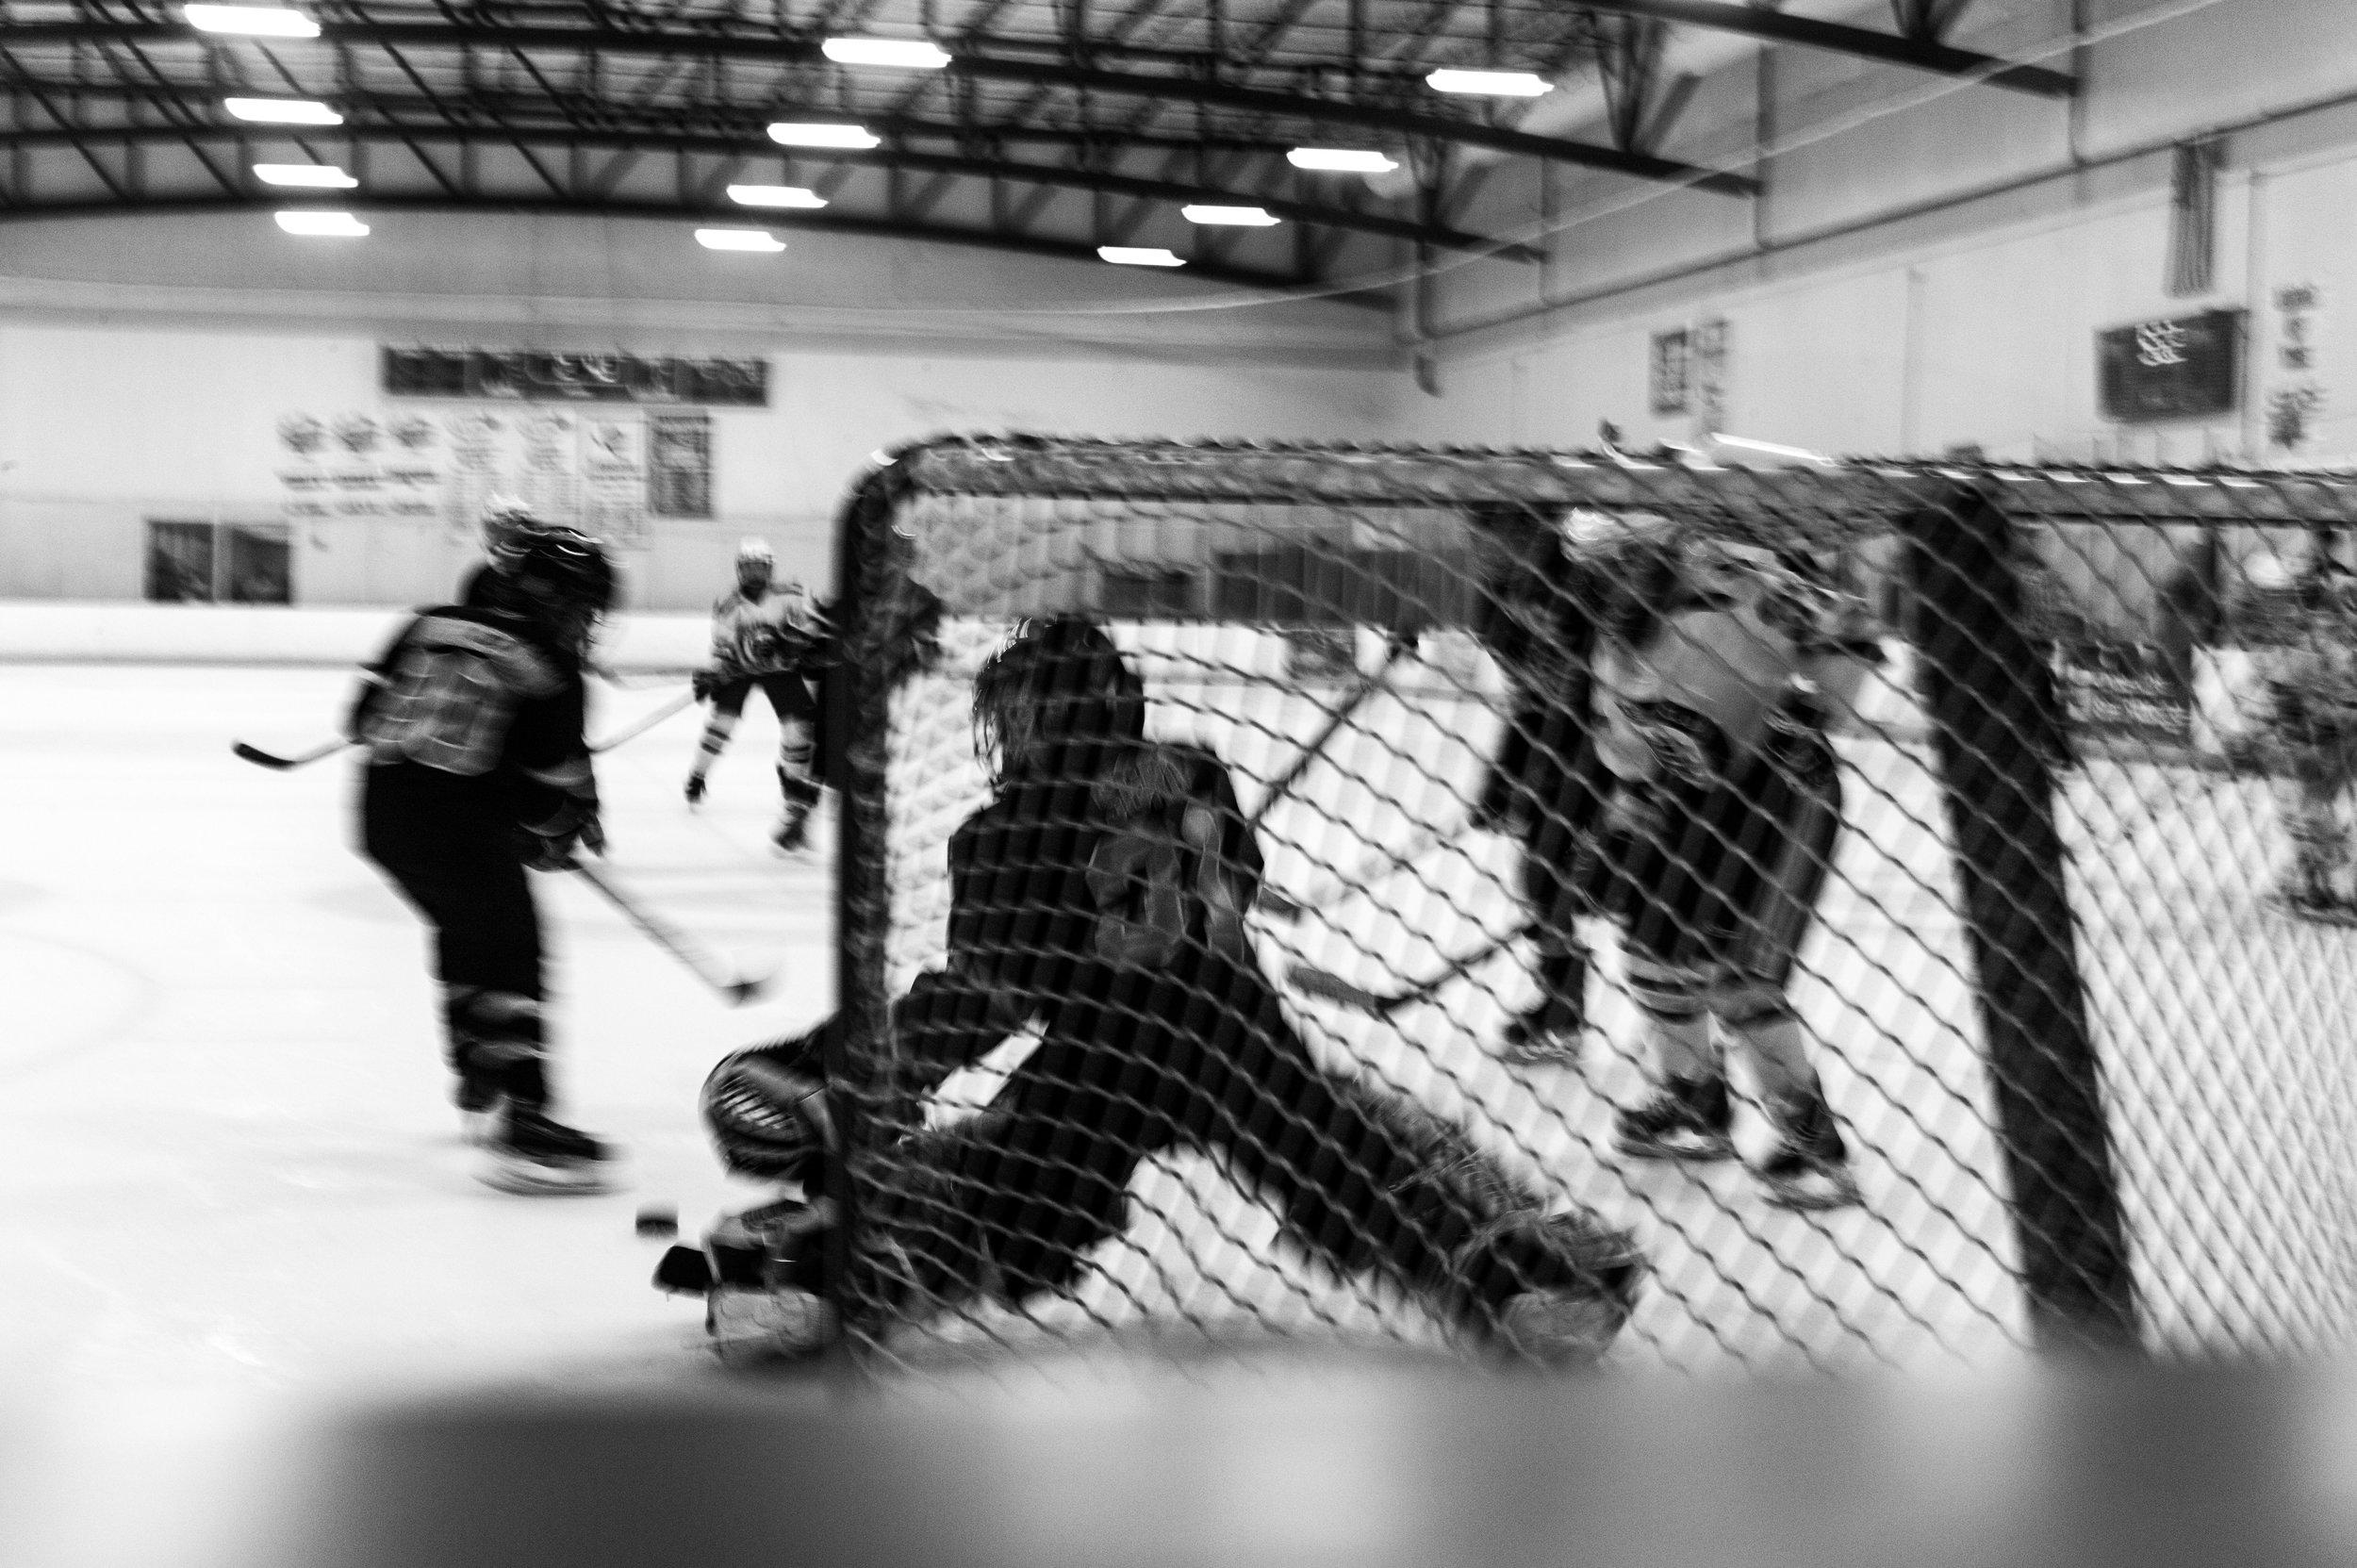 ice_hockey-035.jpg